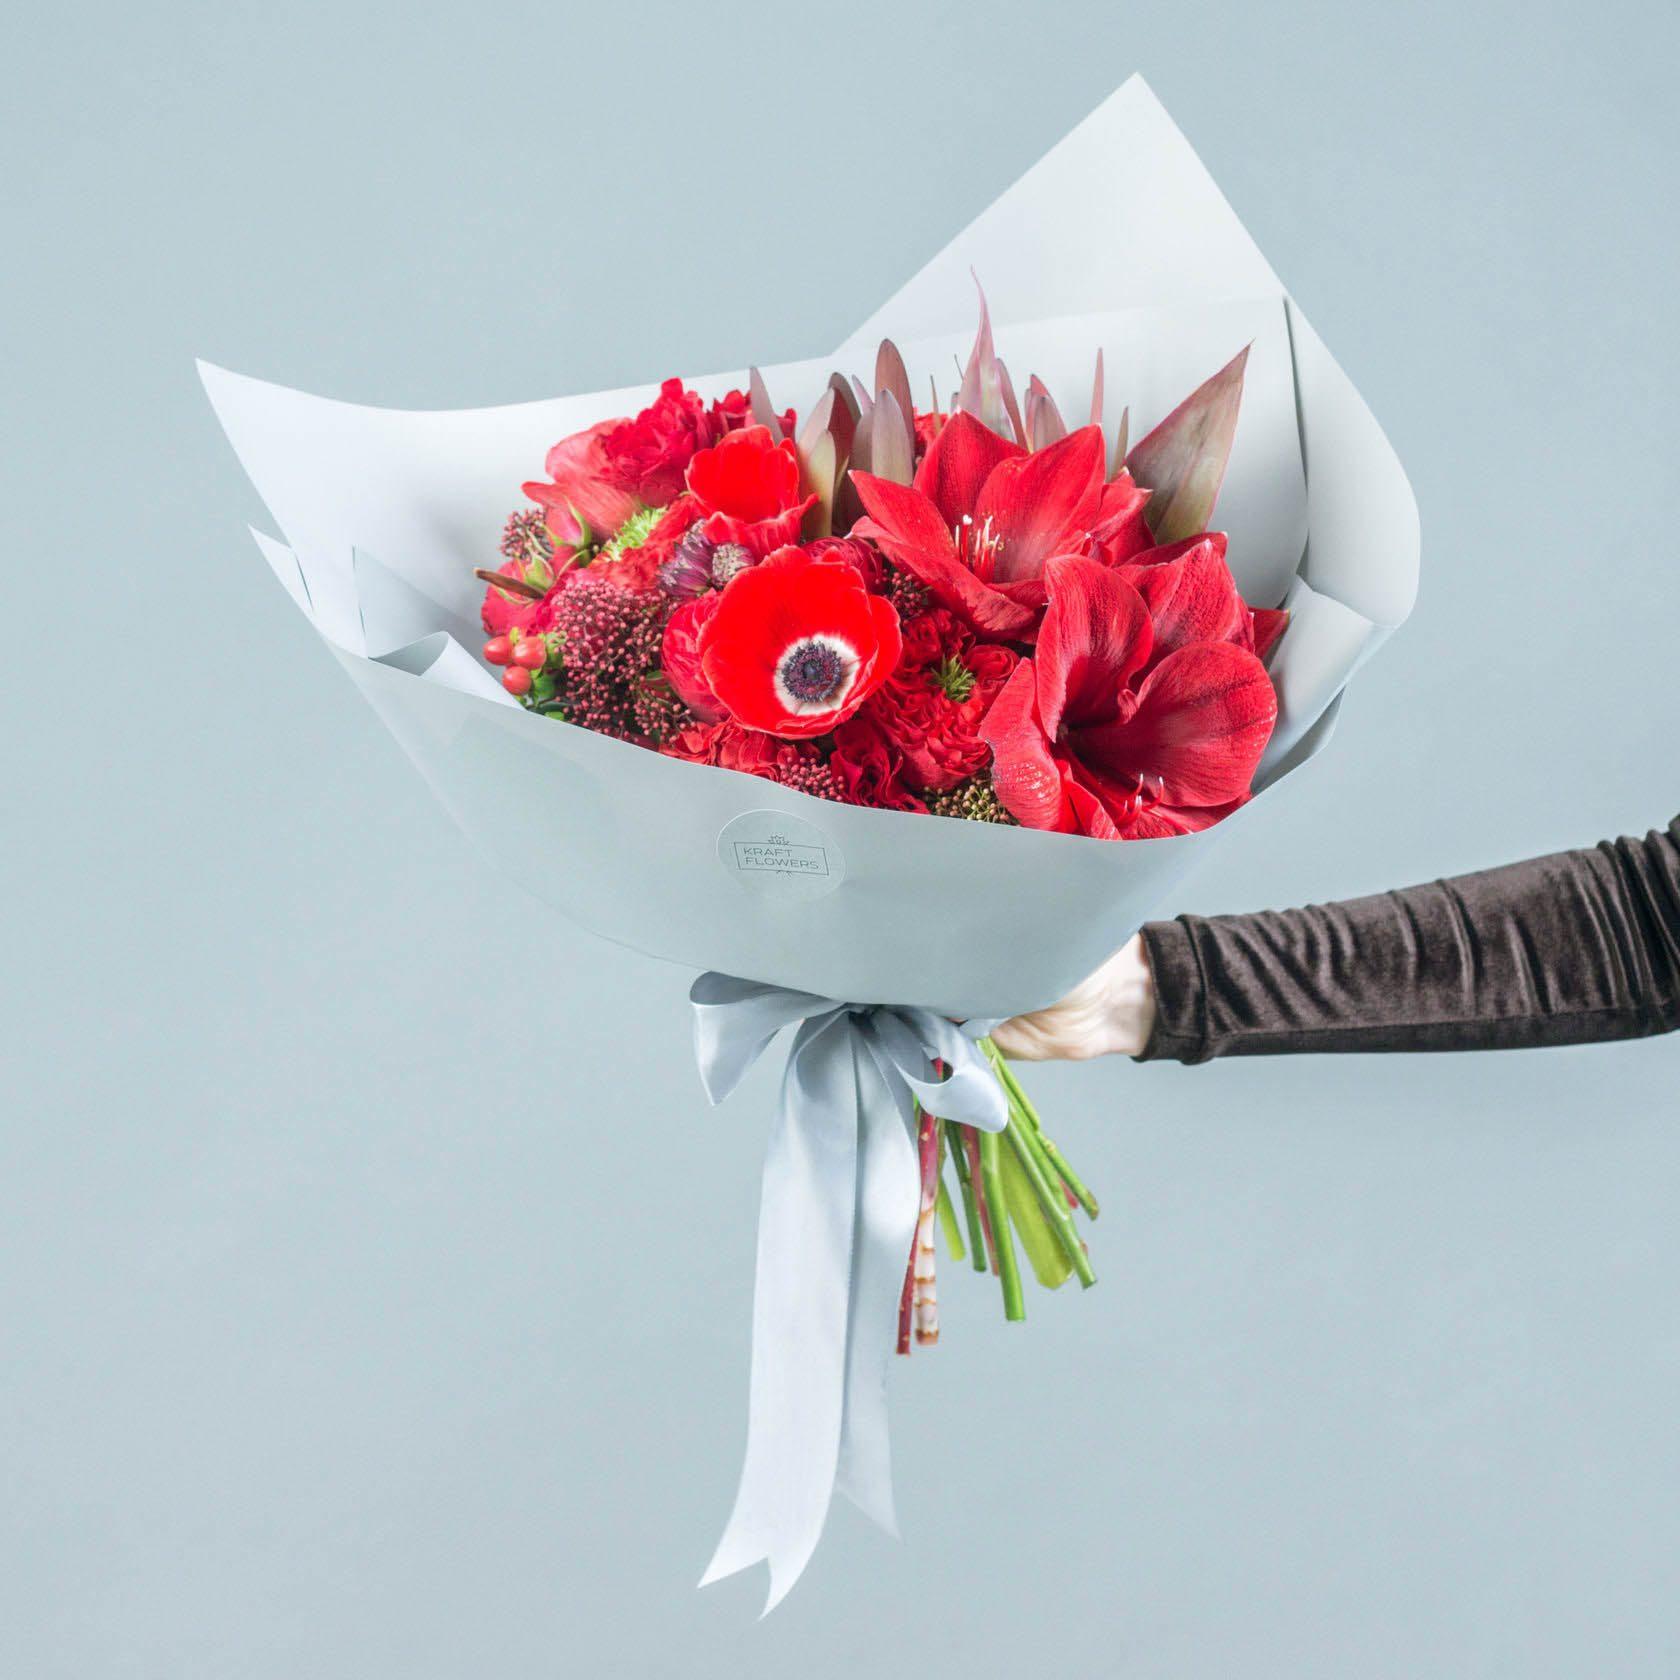 Доставка цветов срочная ночная доставка цветов новосибирск цветок мирта